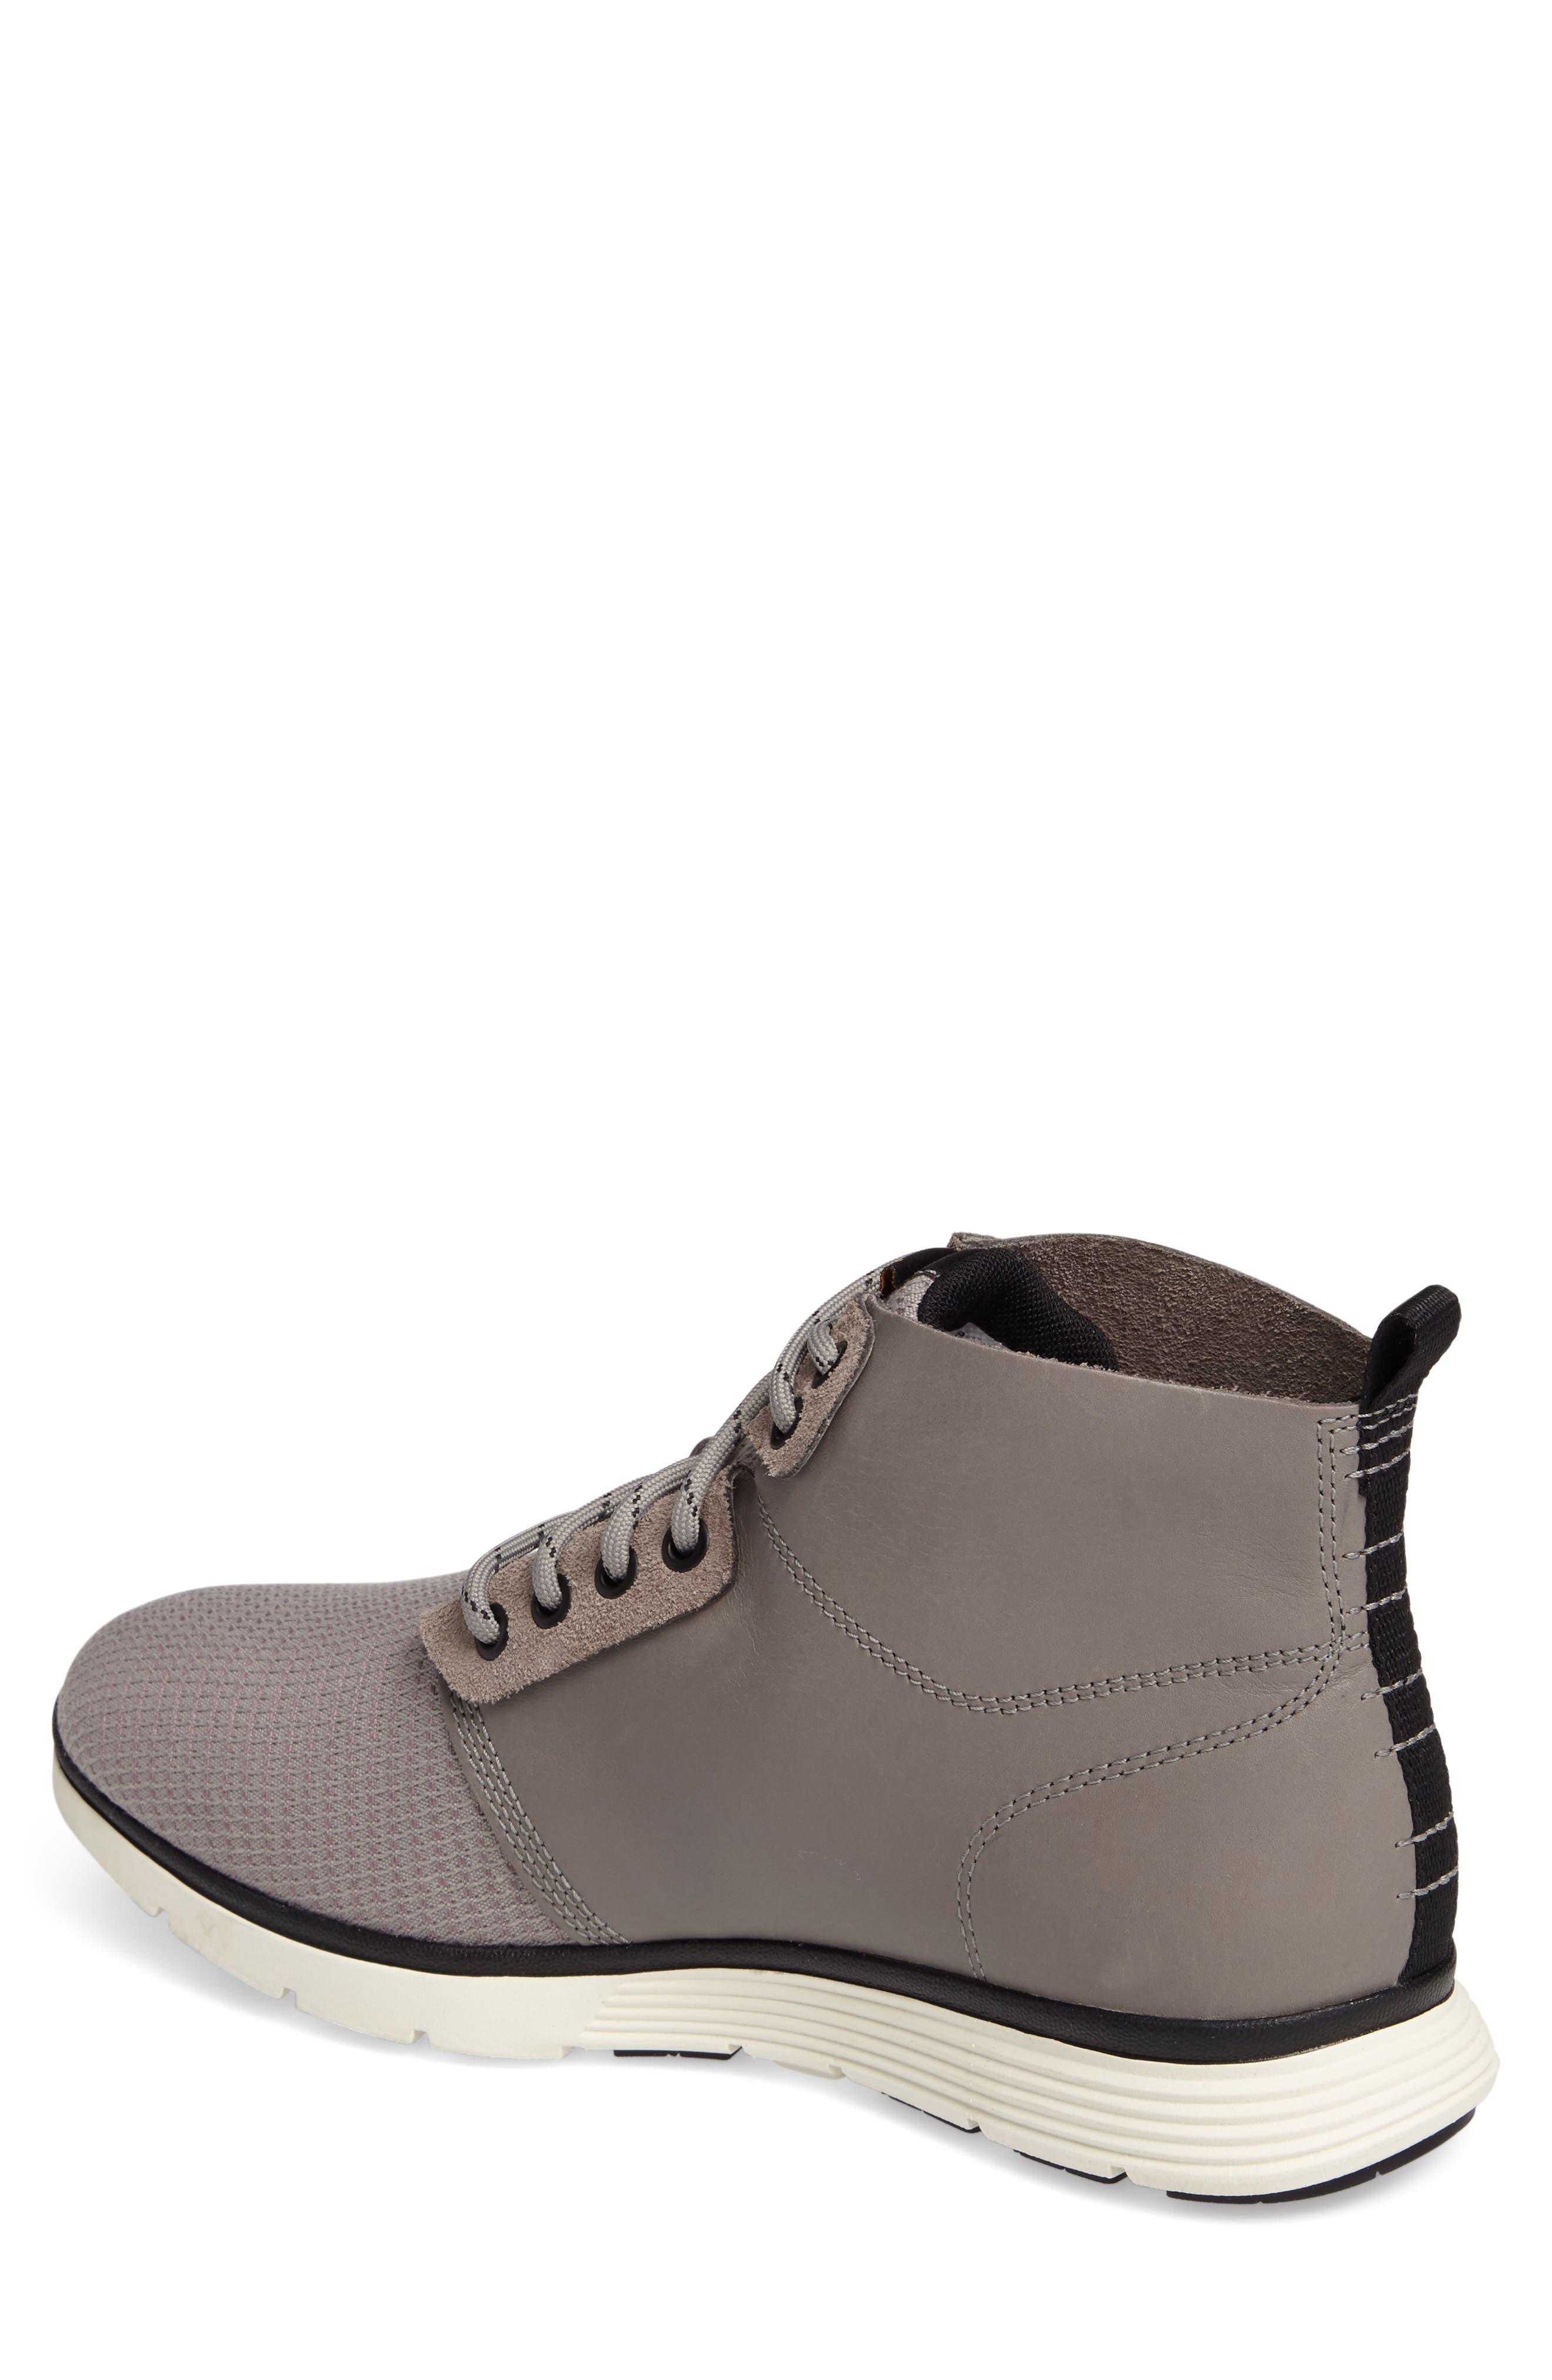 Killington Plain Toe Boot,                             Alternate thumbnail 2, color,                             030